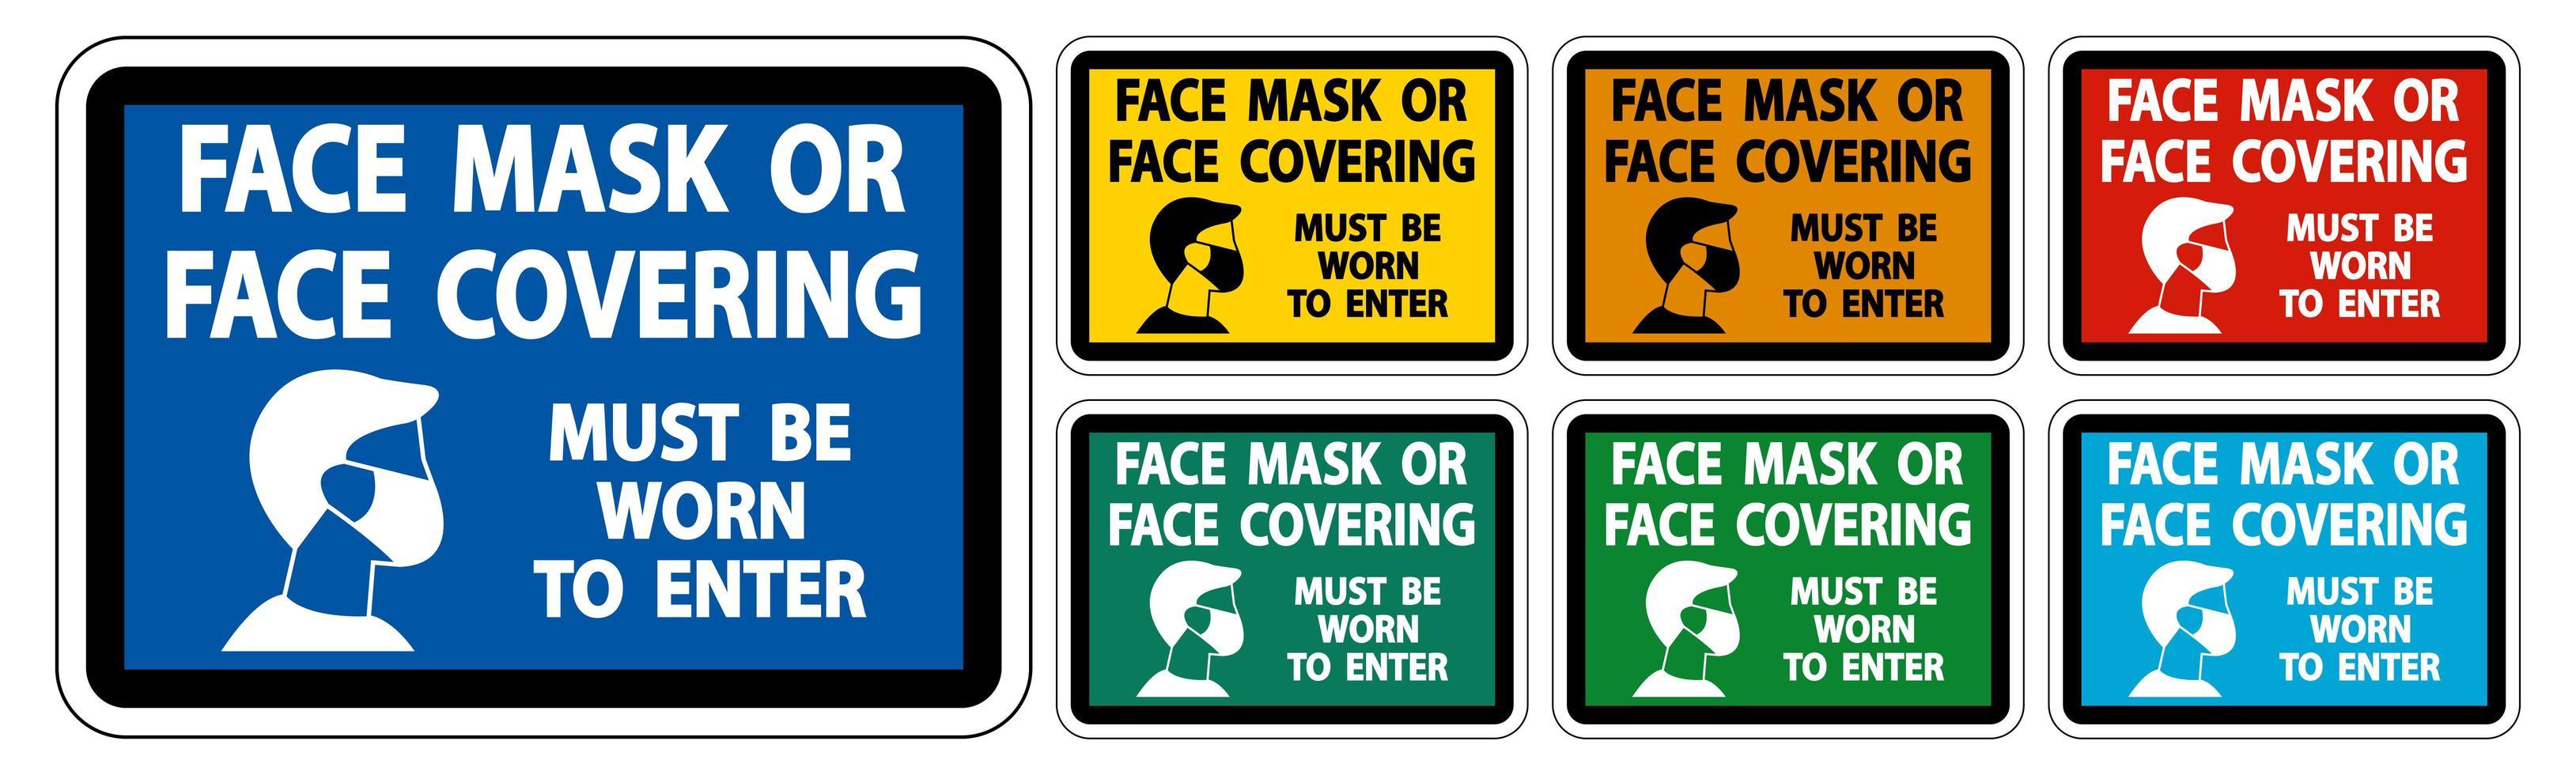 masque facial couvrant doit être porté ensemble de signes vecteur